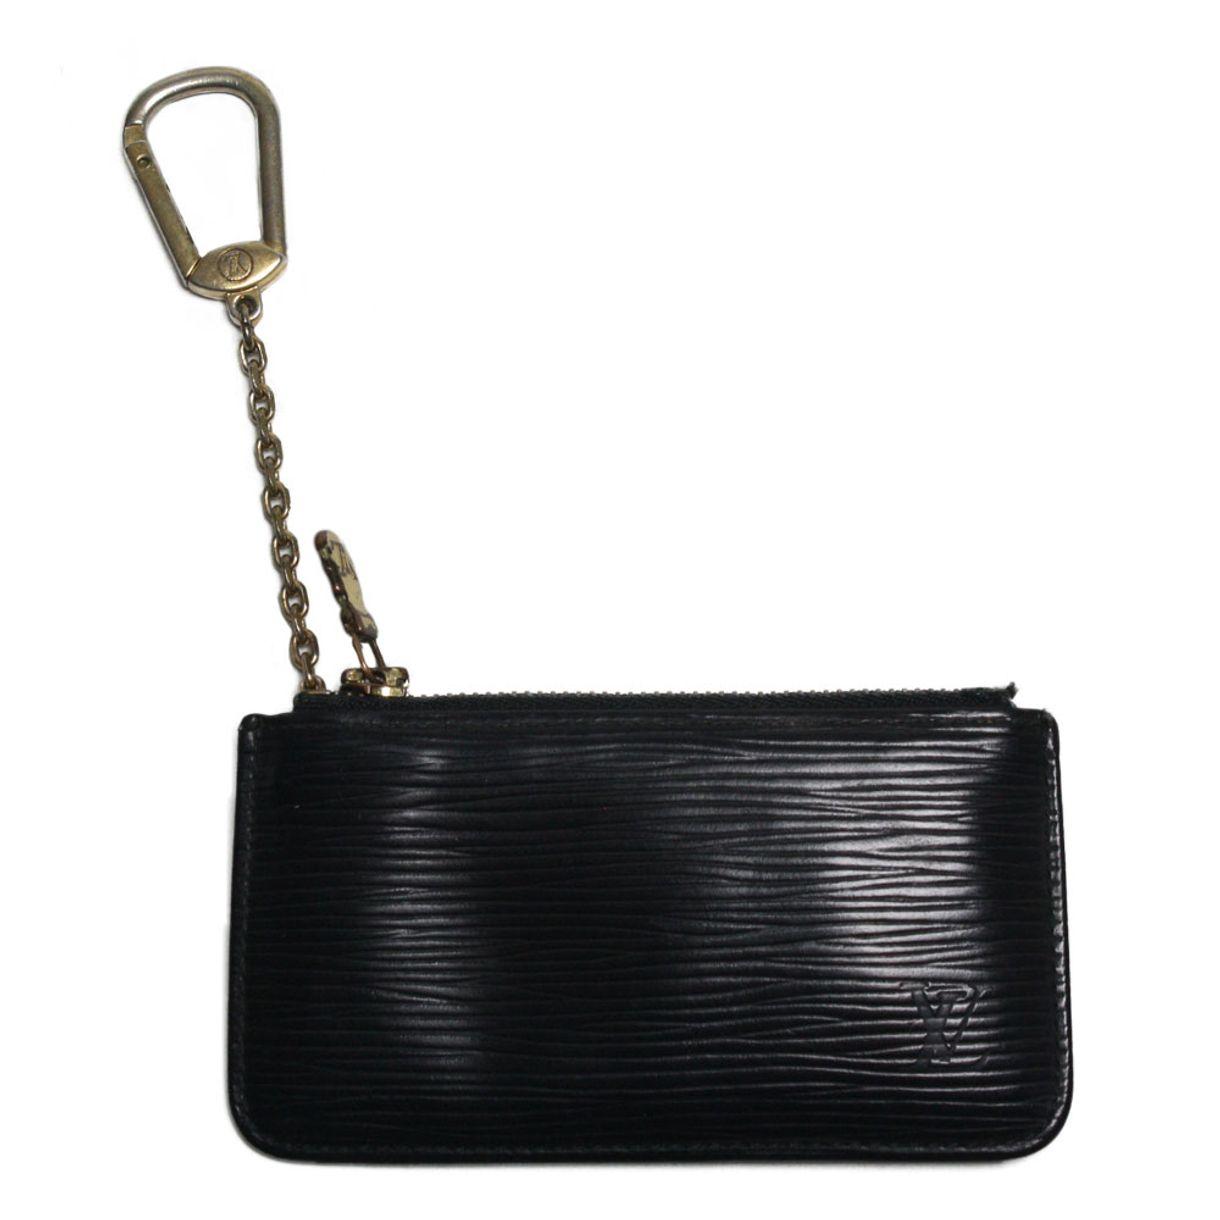 Key-Chain-Louis-Vuitton-Epi